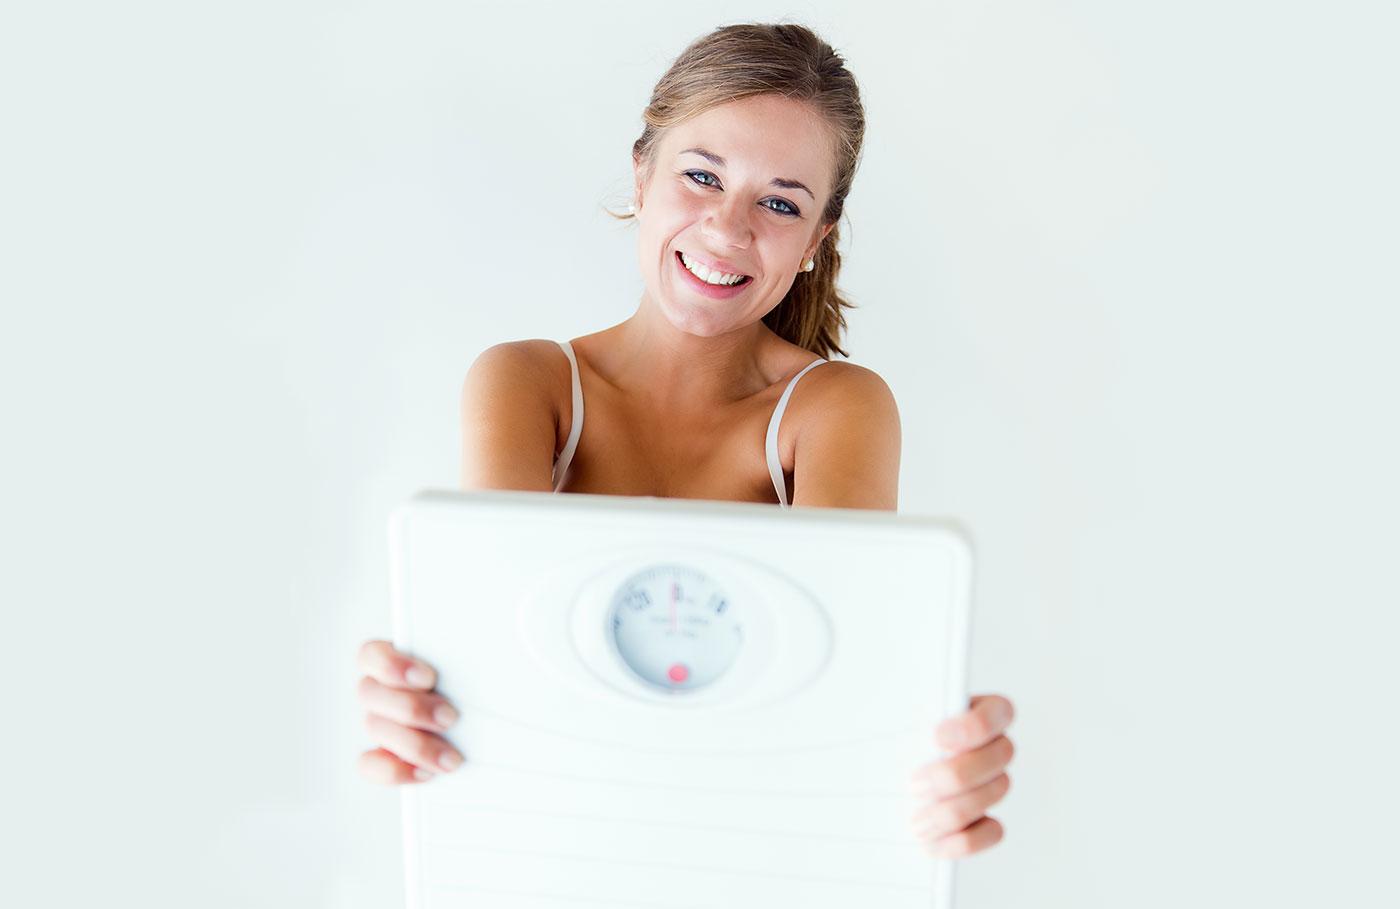 Как похудеть эффективно: простые диеты